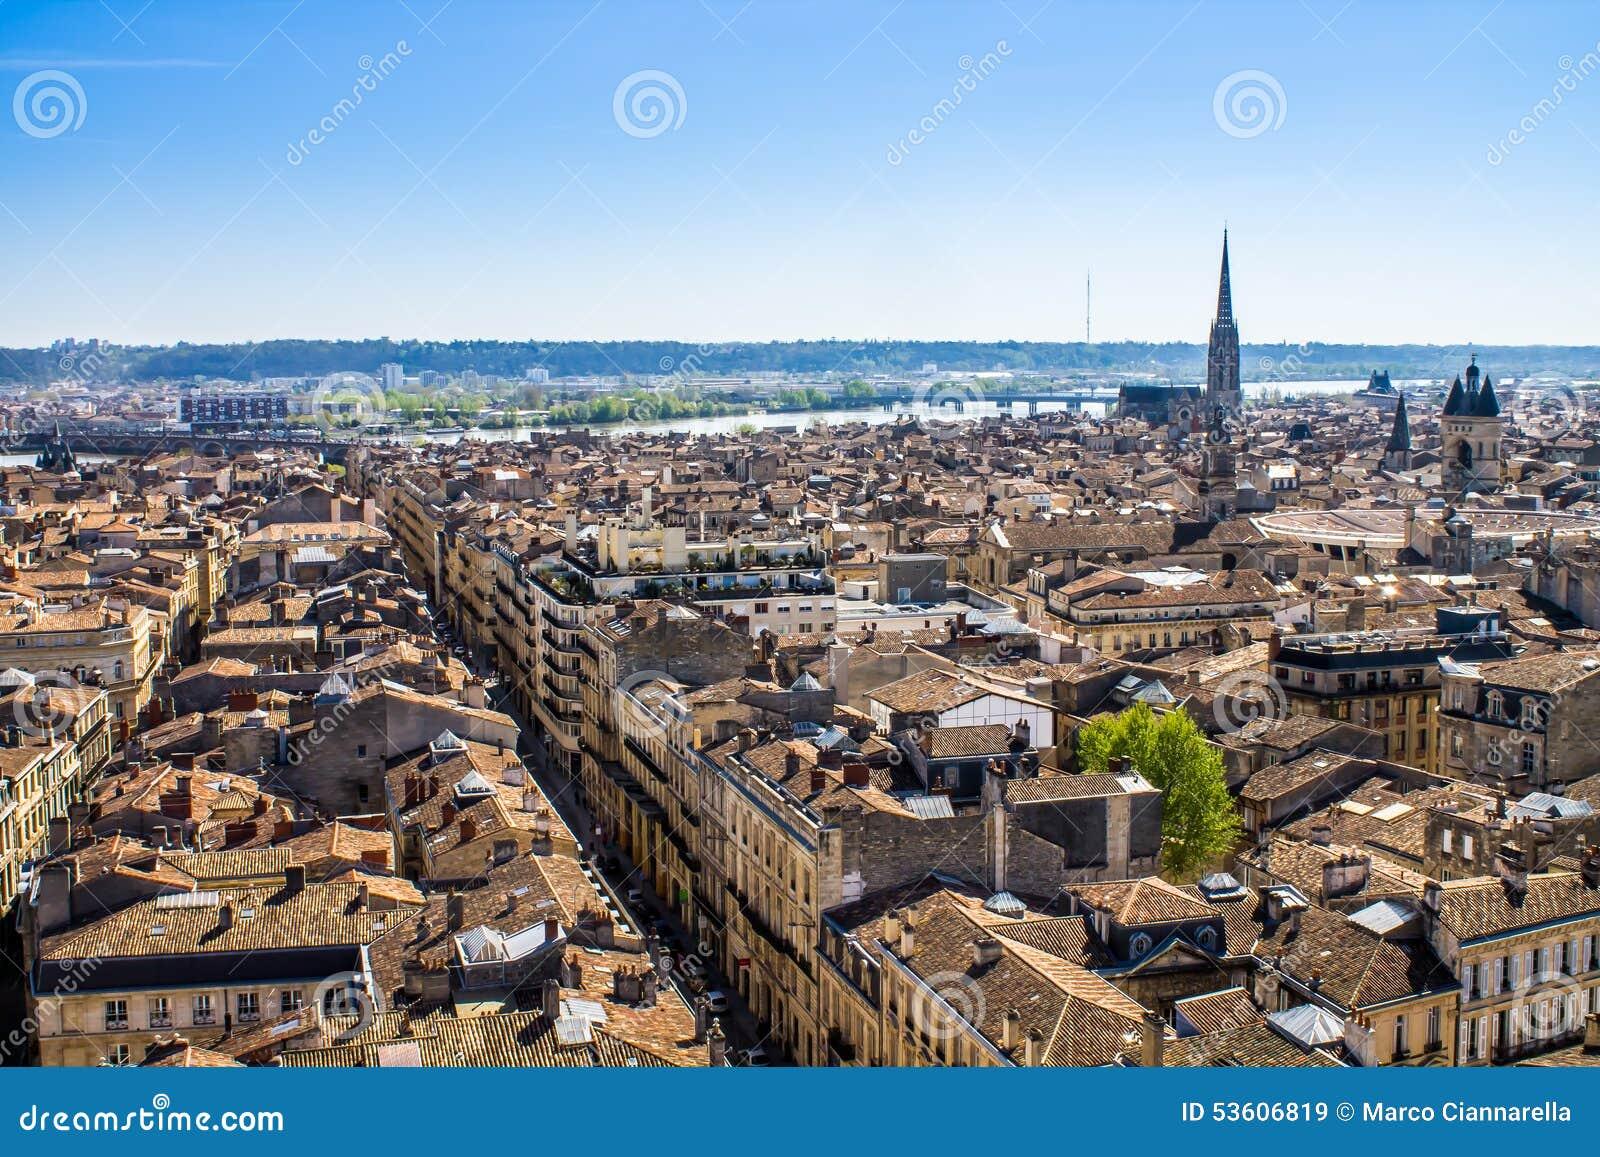 Paysage urbain de bordeaux france image stock image du for Paysage de ville